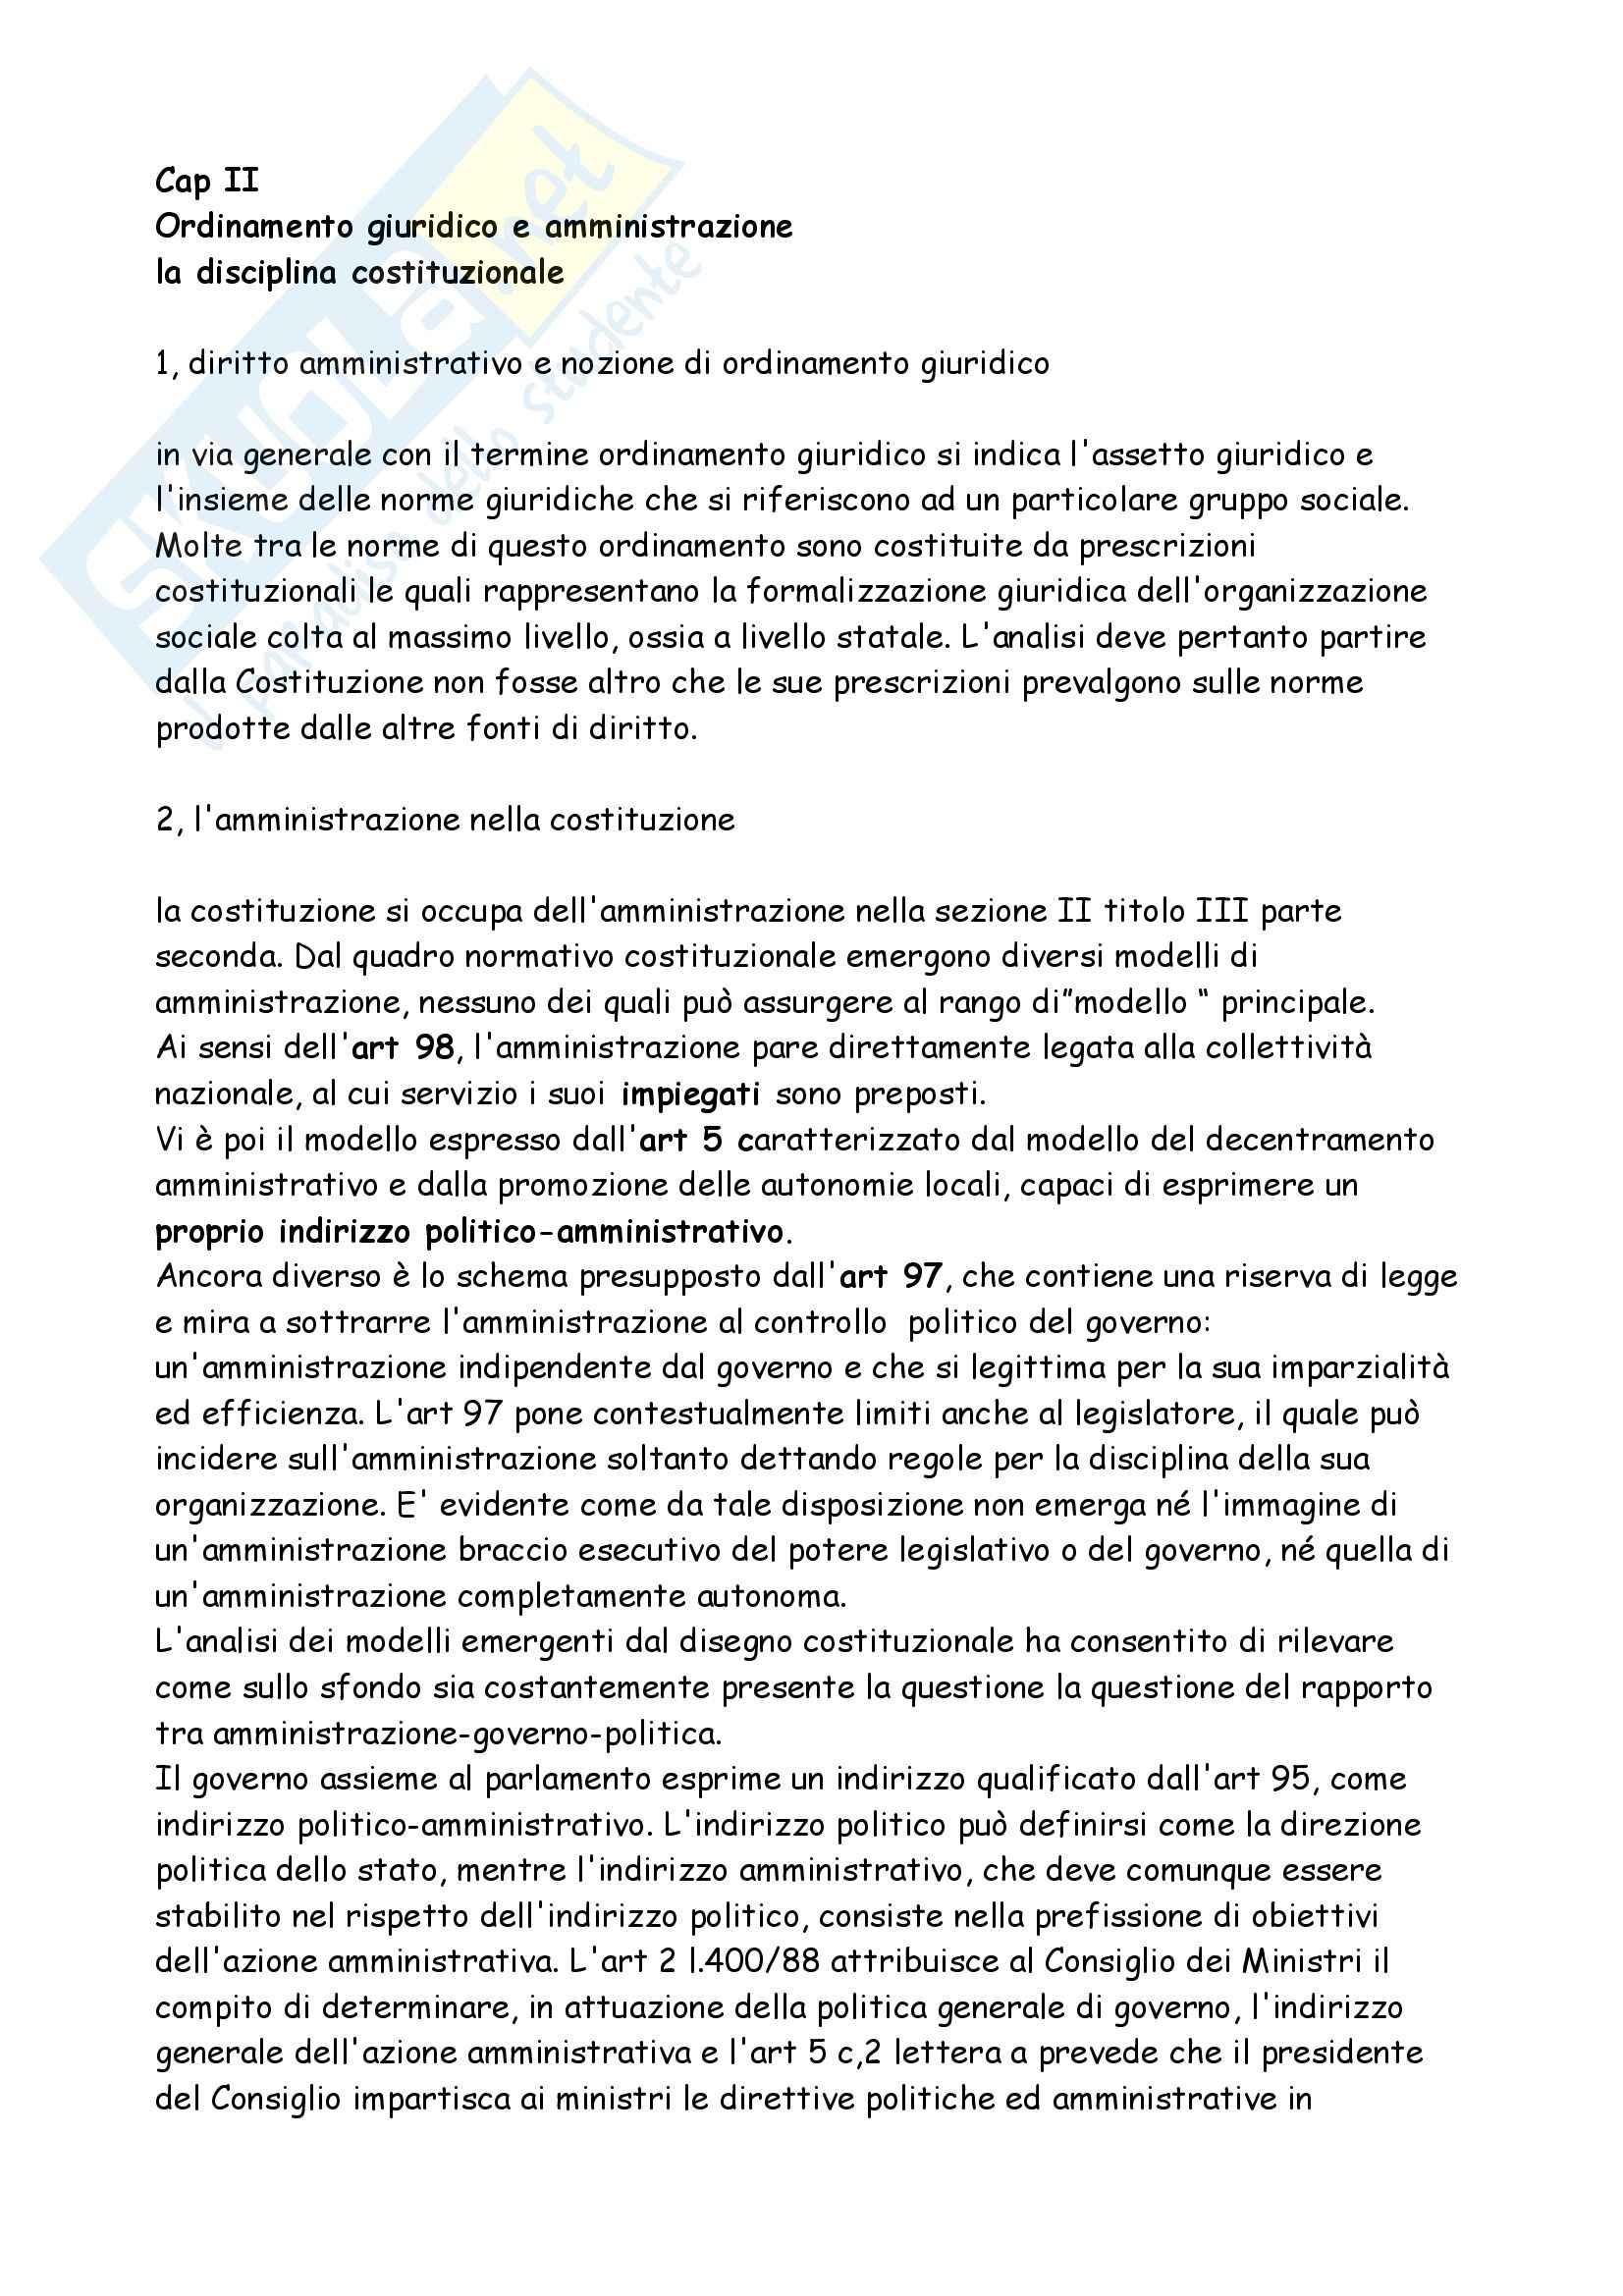 Diritto amministrativo - l'ordinamento giuridico e l'amministrazione